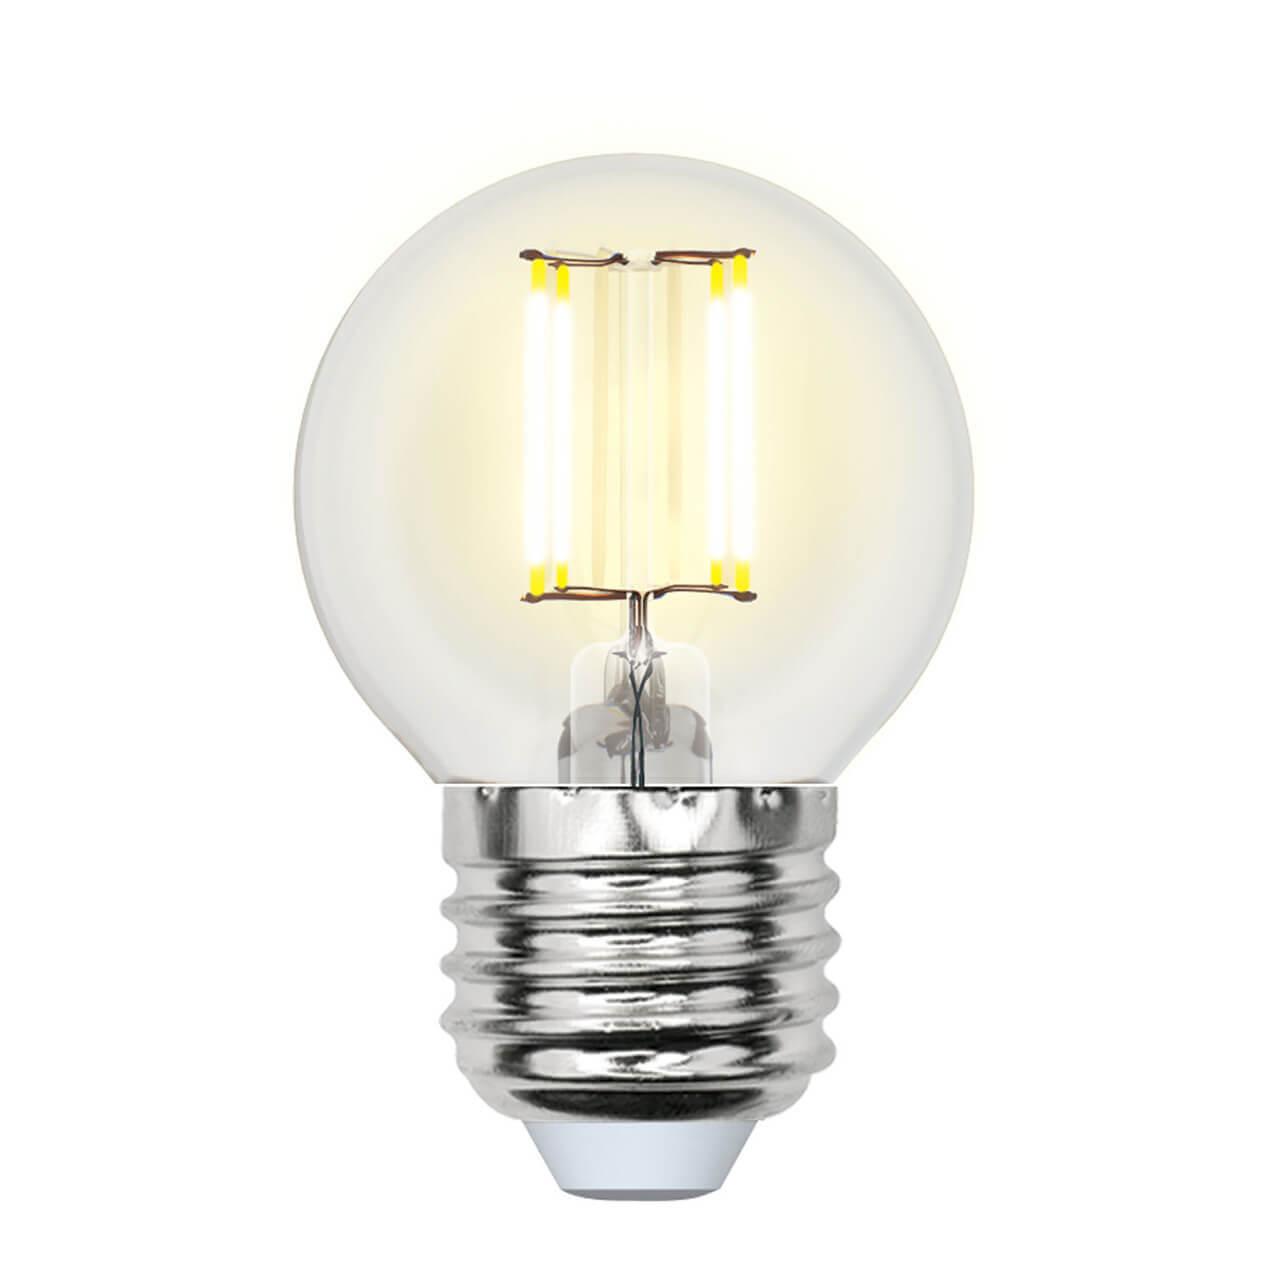 Лампочка Uniel LED-G45-6W/NW/E27/CL GLA01TR AIR G светодиодная лампа uniel air led a60 7w nw e27 cl dim gla01tr ul 00002874